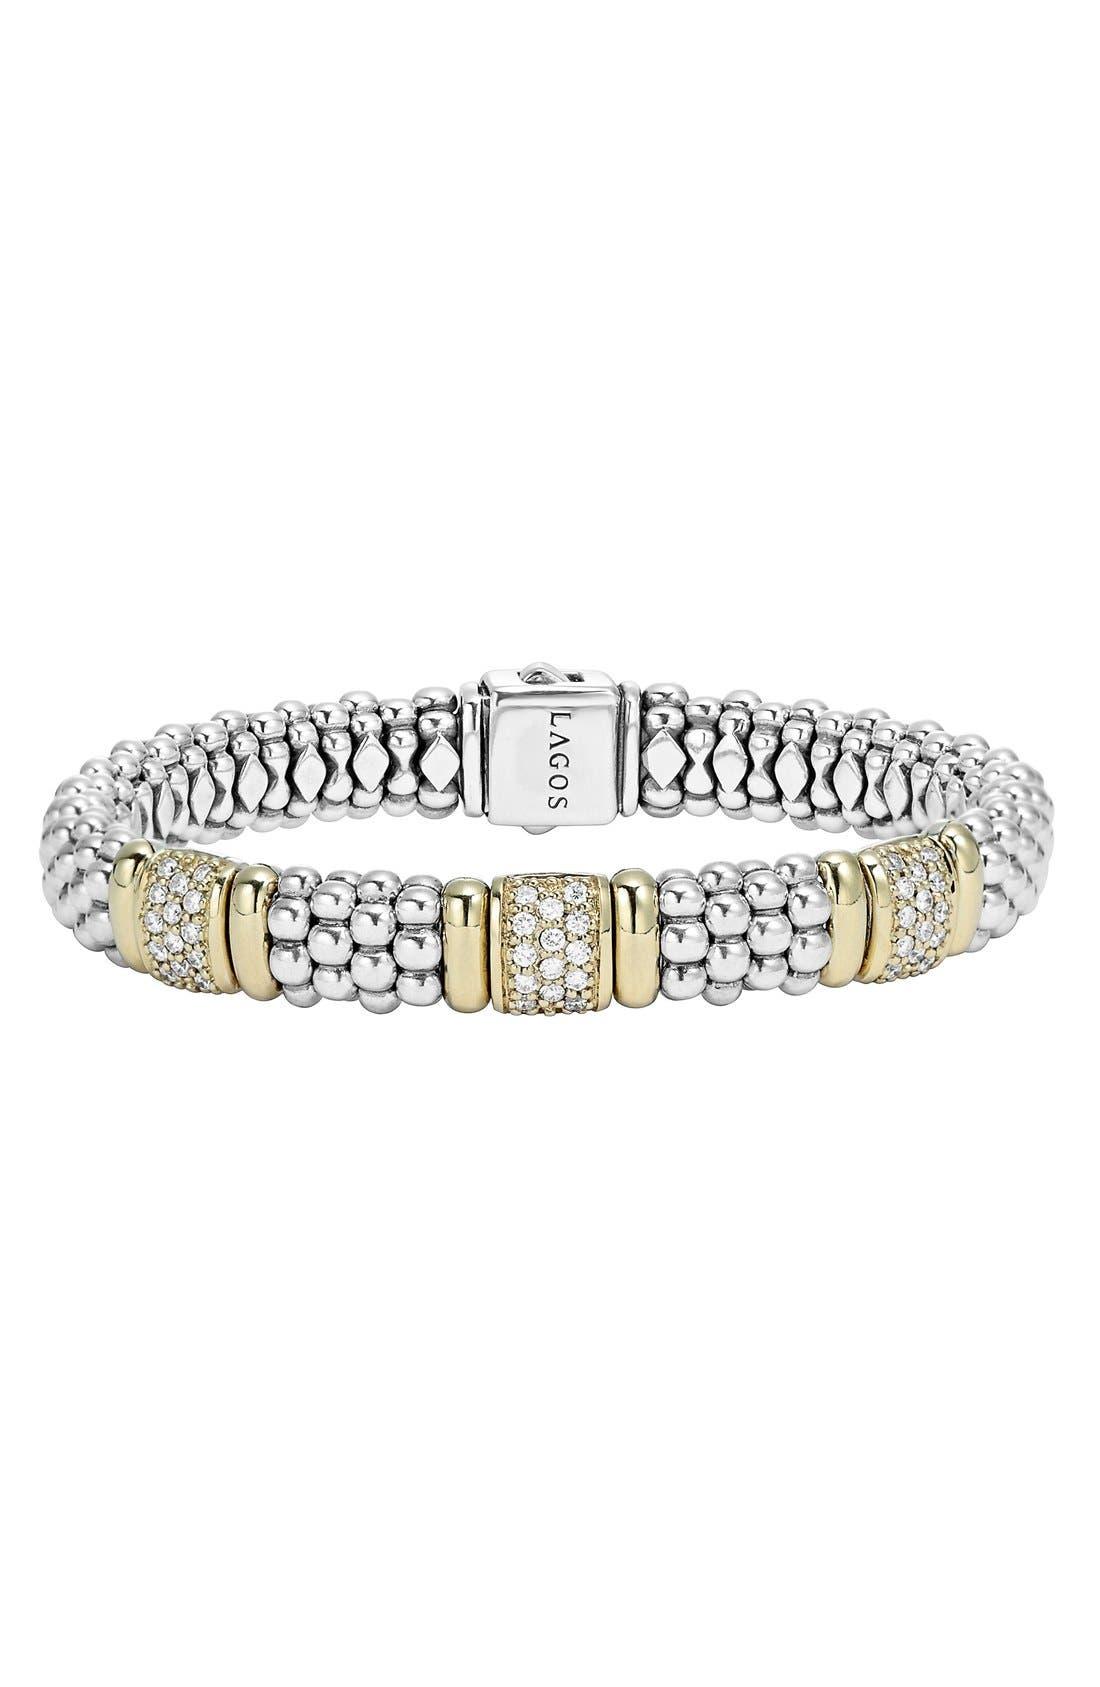 Alternate Image 1 Selected - LAGOS 'Caviar' Diamond Station Bracelet